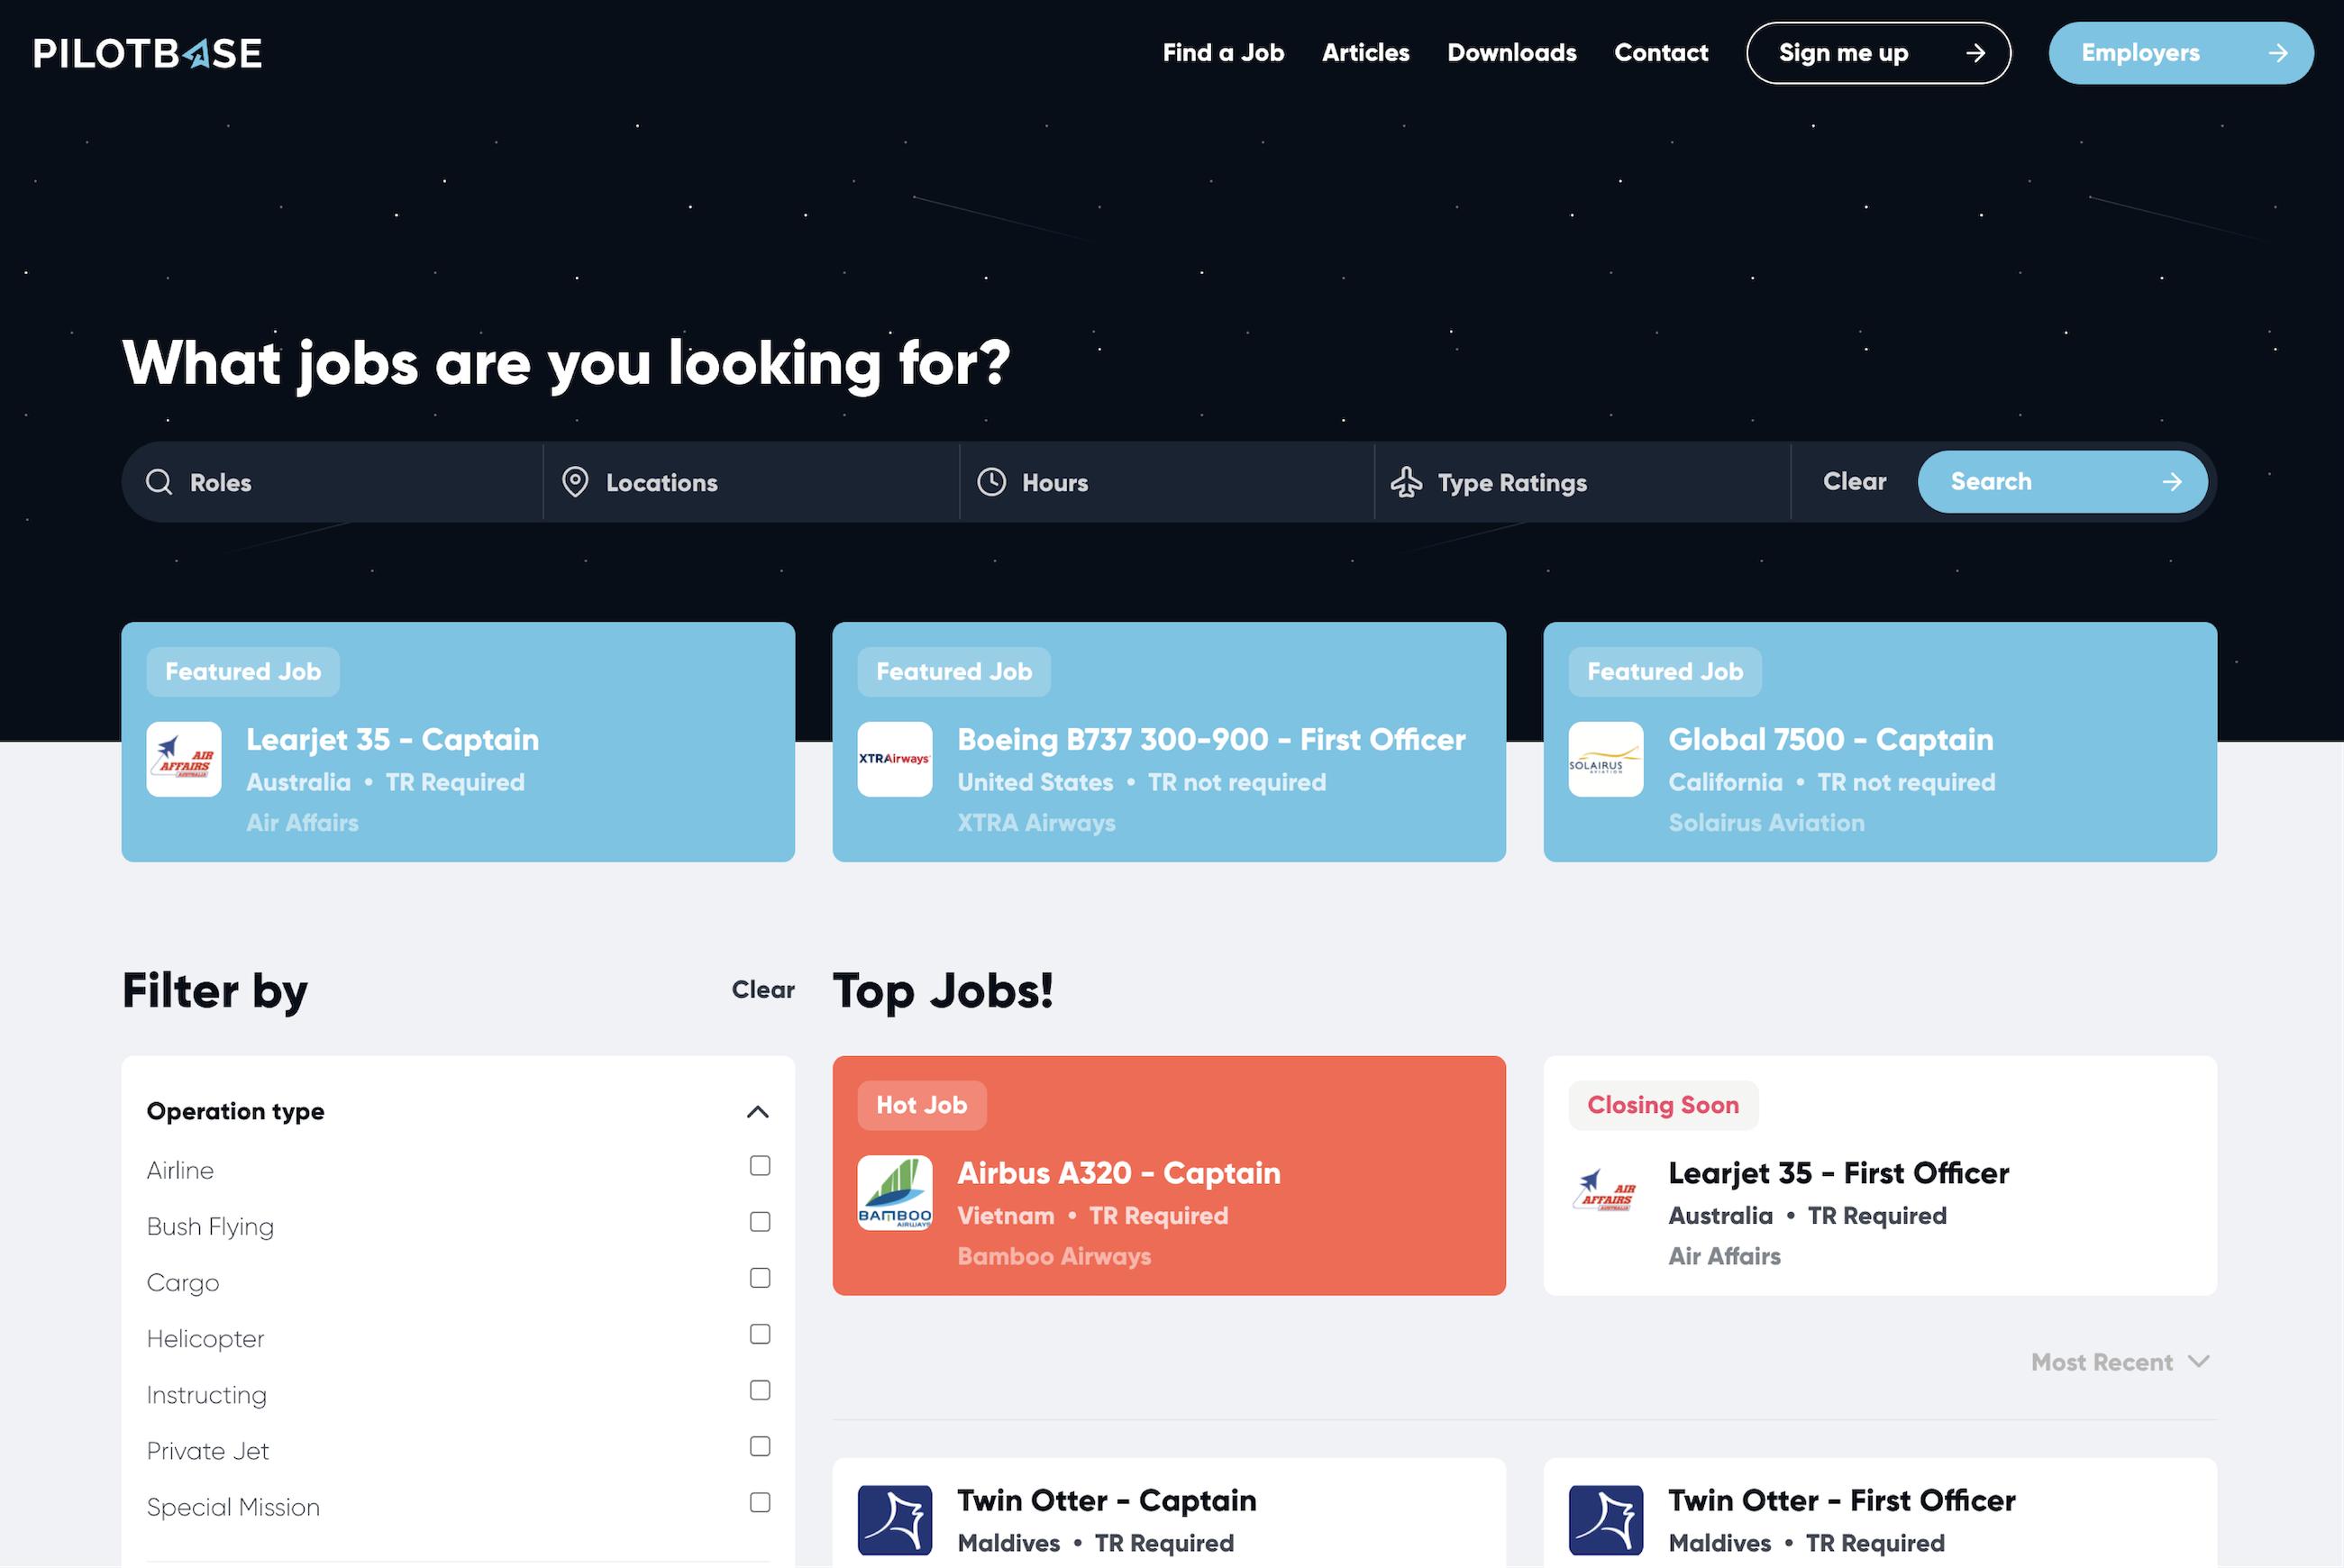 Pilotbase Jobs Page 2